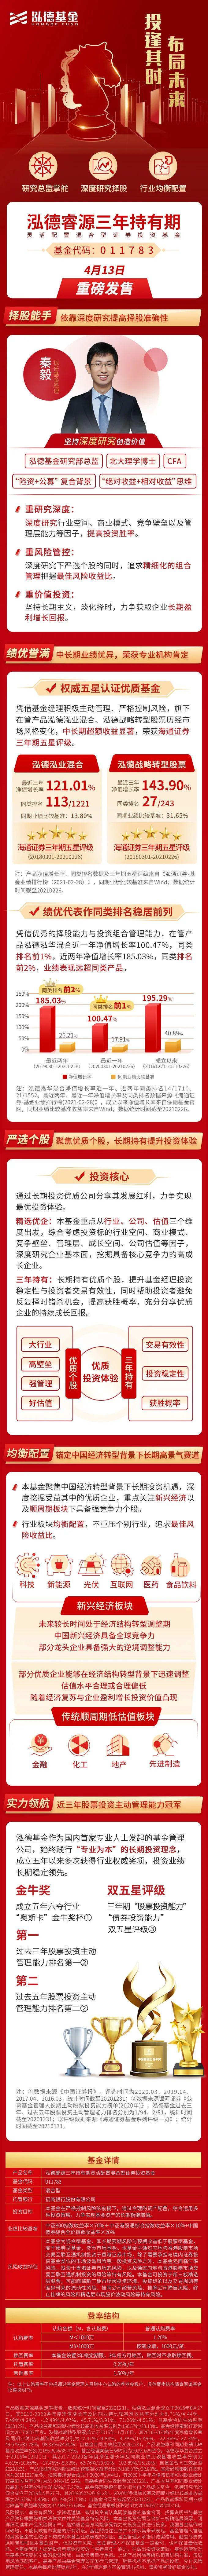 泓德睿源三年持有期混合4月13日重磅首发!